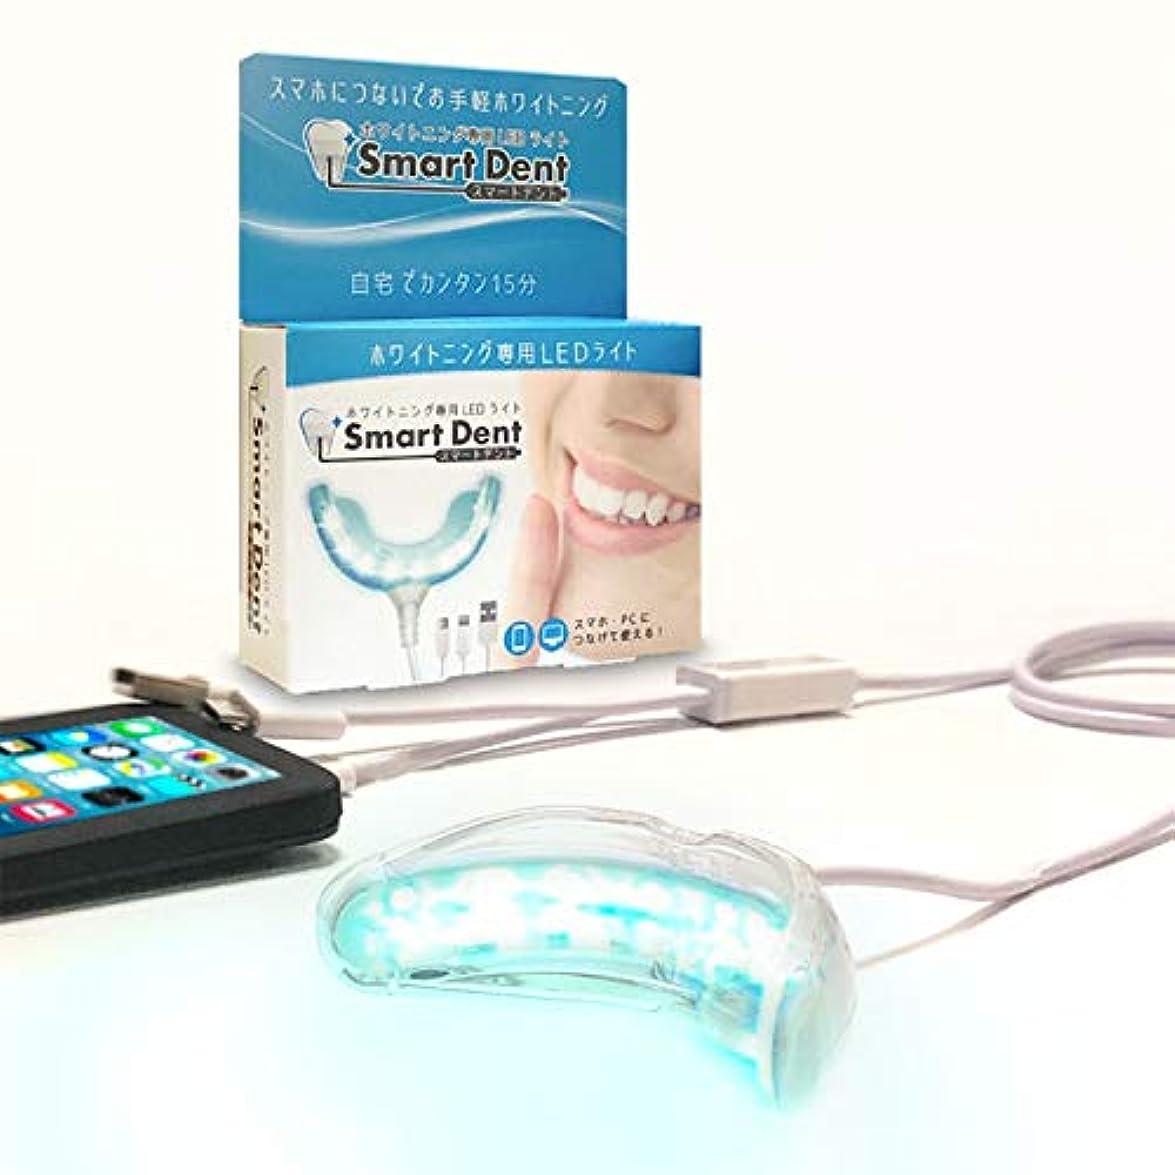 遺棄された蘇生する好きスマートデント (Smart Dent) お手軽ホワイトニング セルフケア [LEDライトのみ] シリコン マウスピース 【一般医療機器】